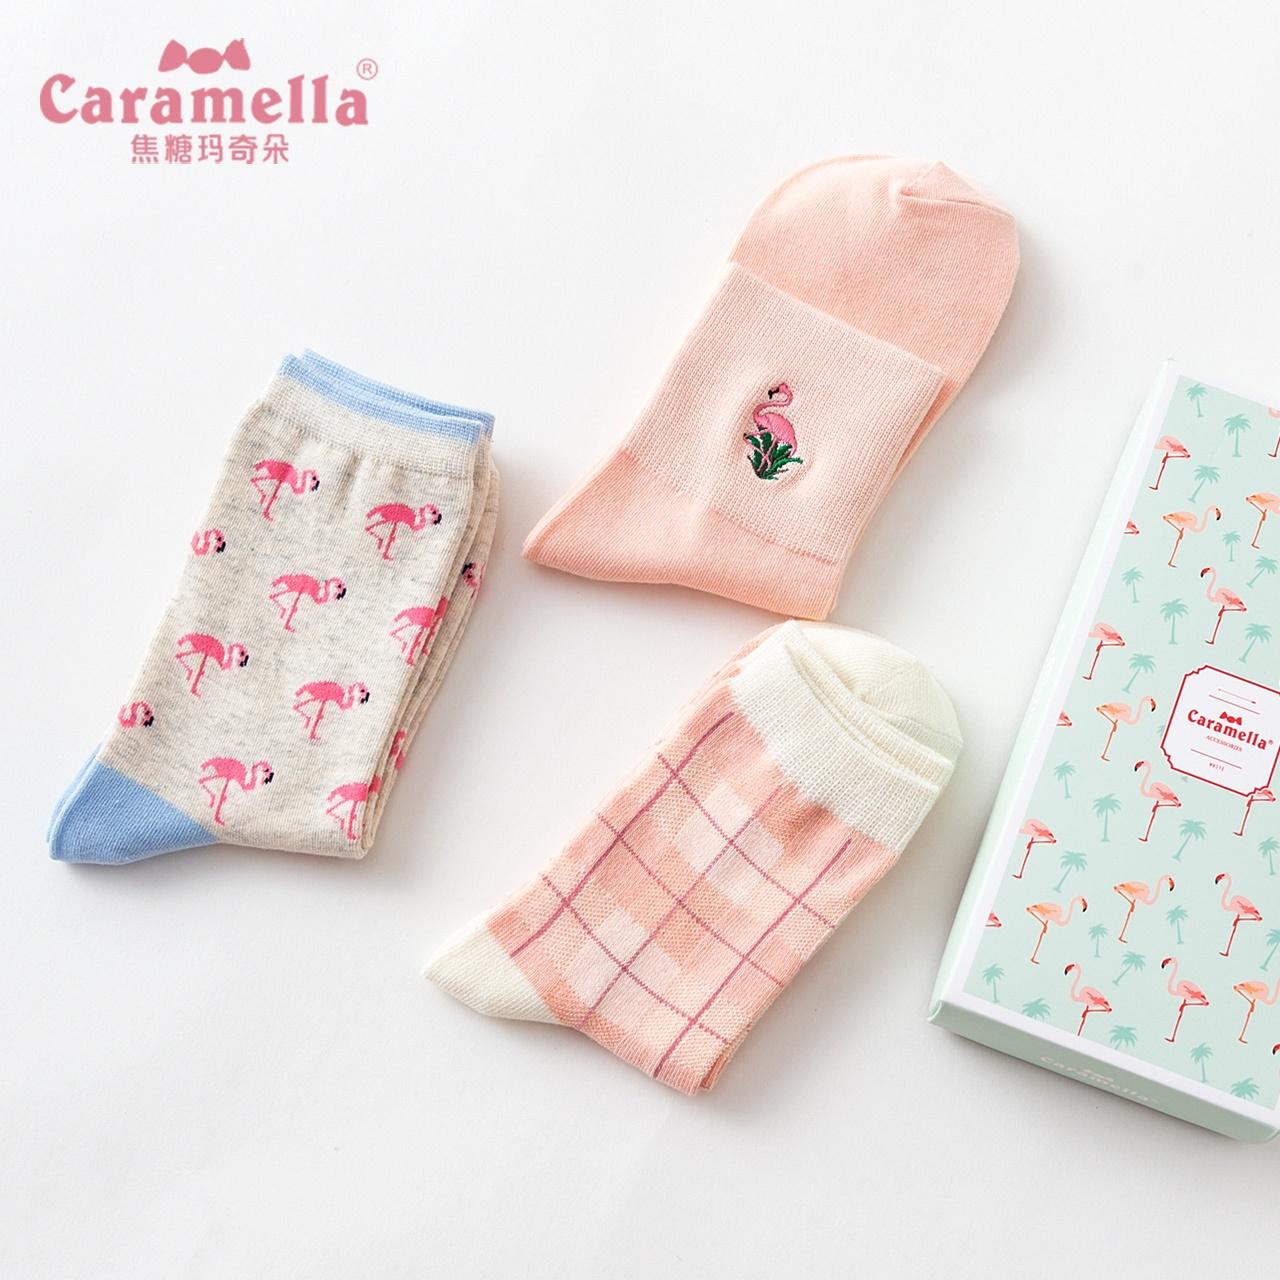 10月10日最新优惠caramella春夏火烈鸟刺绣中筒袜